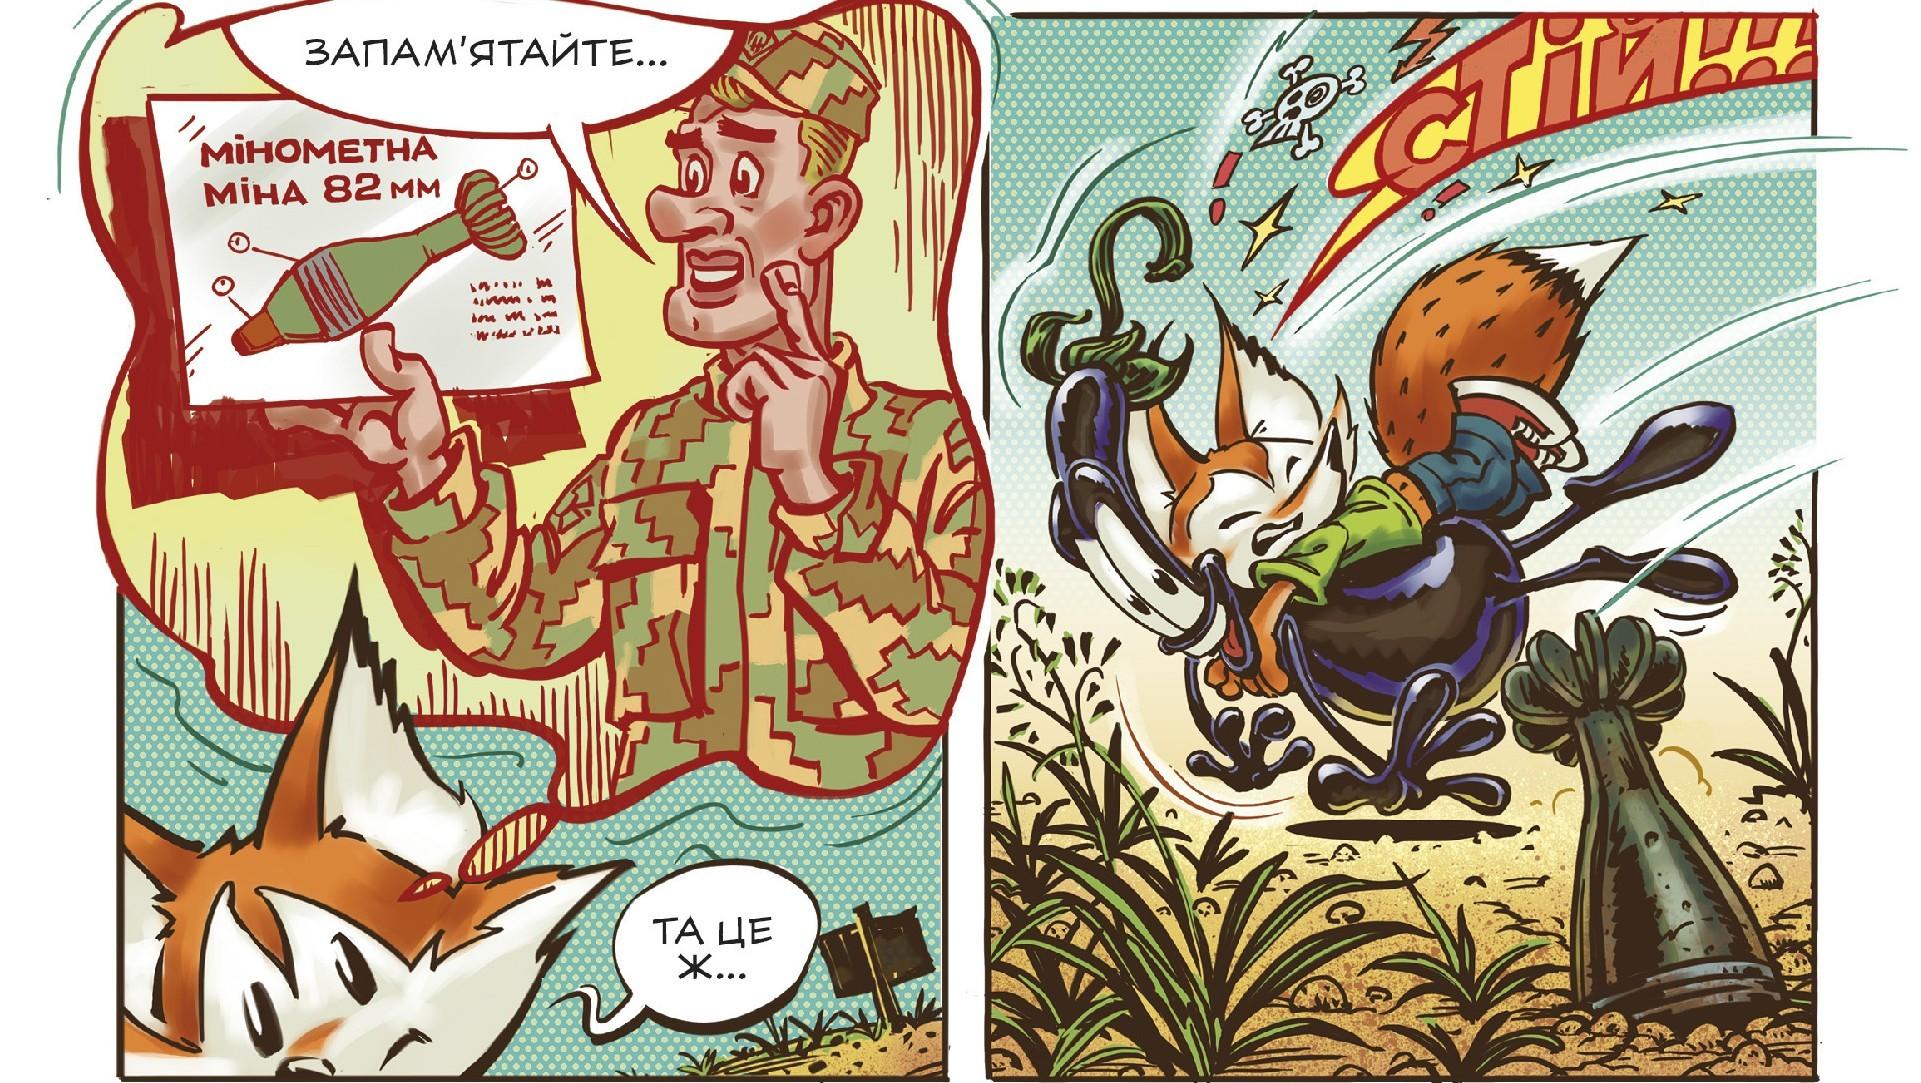 Komiks pro miny zahystyť ukraїnśkyh ditej